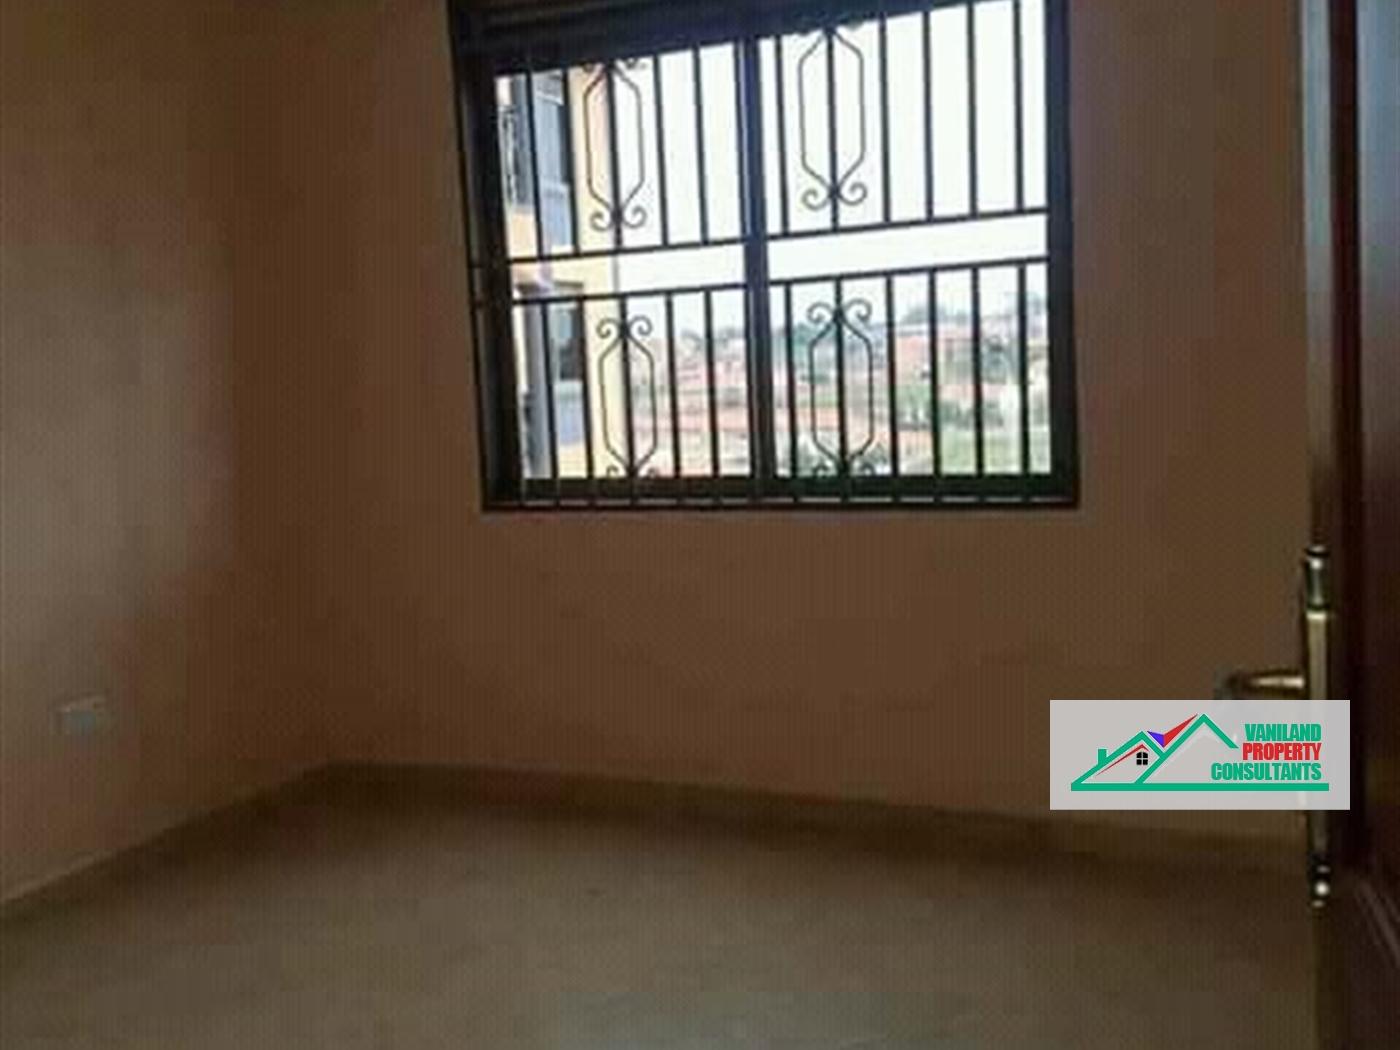 Apartment for rent in Kurambiro Kampala